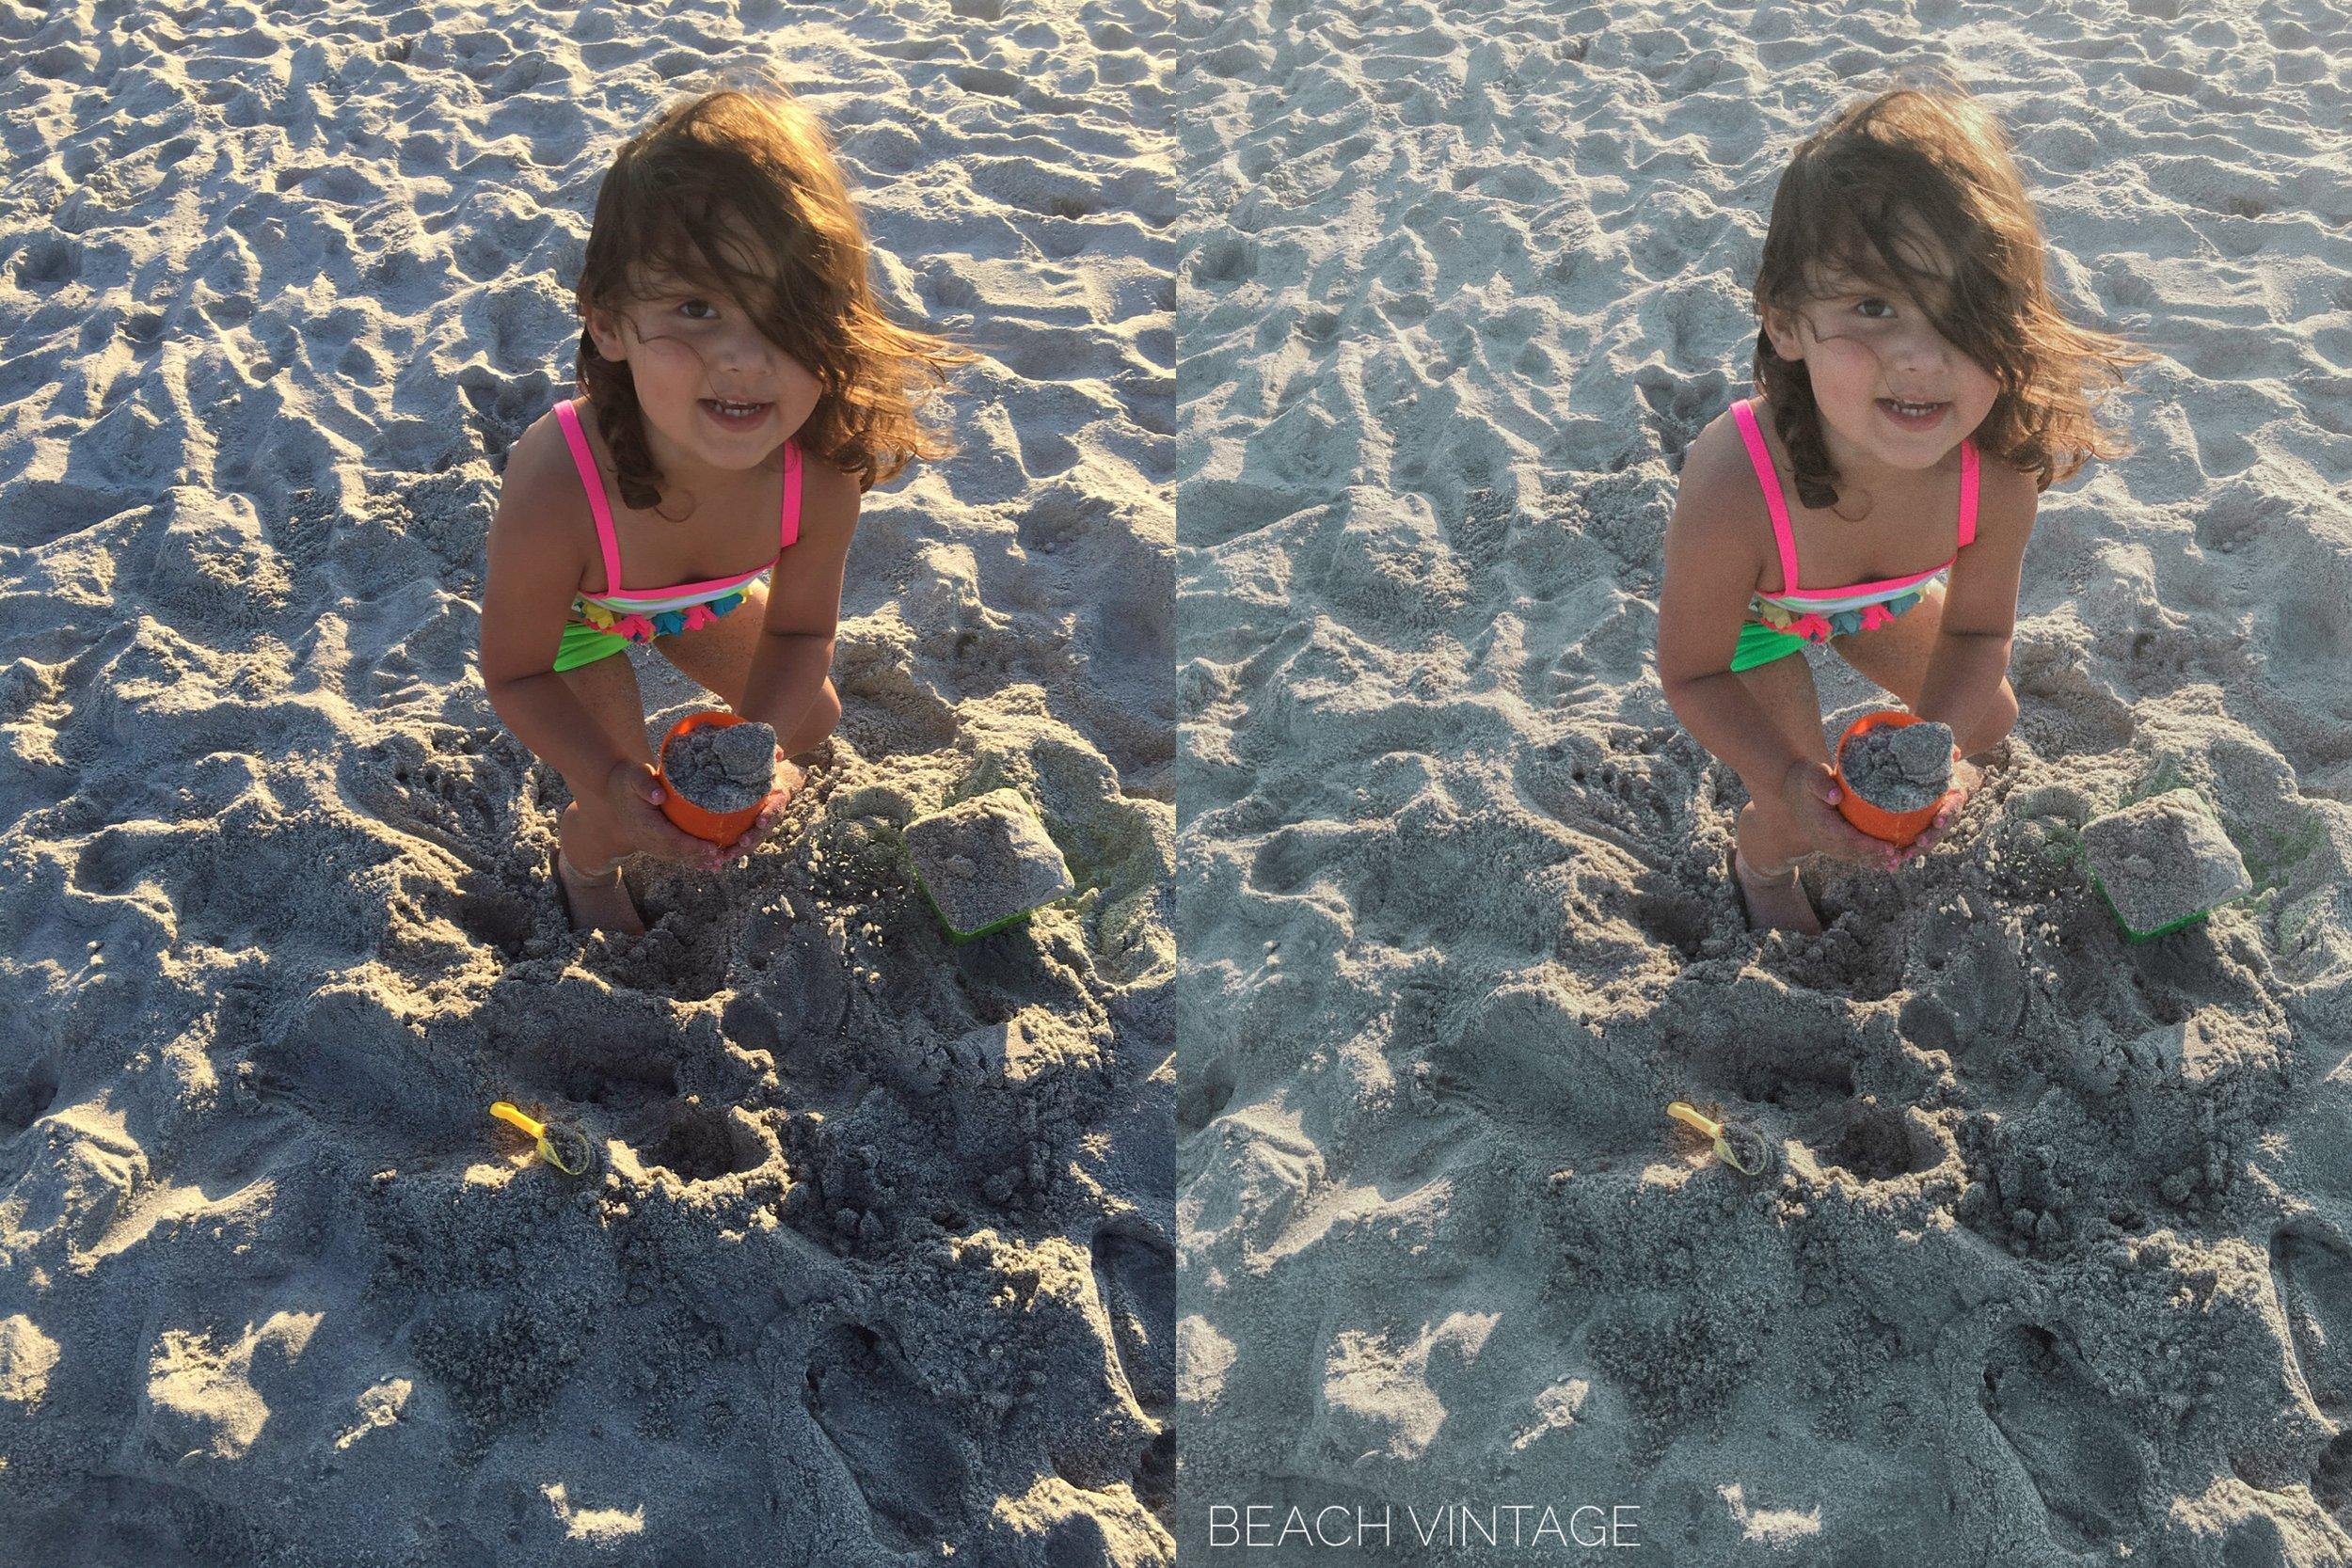 beachvintage3.JPG